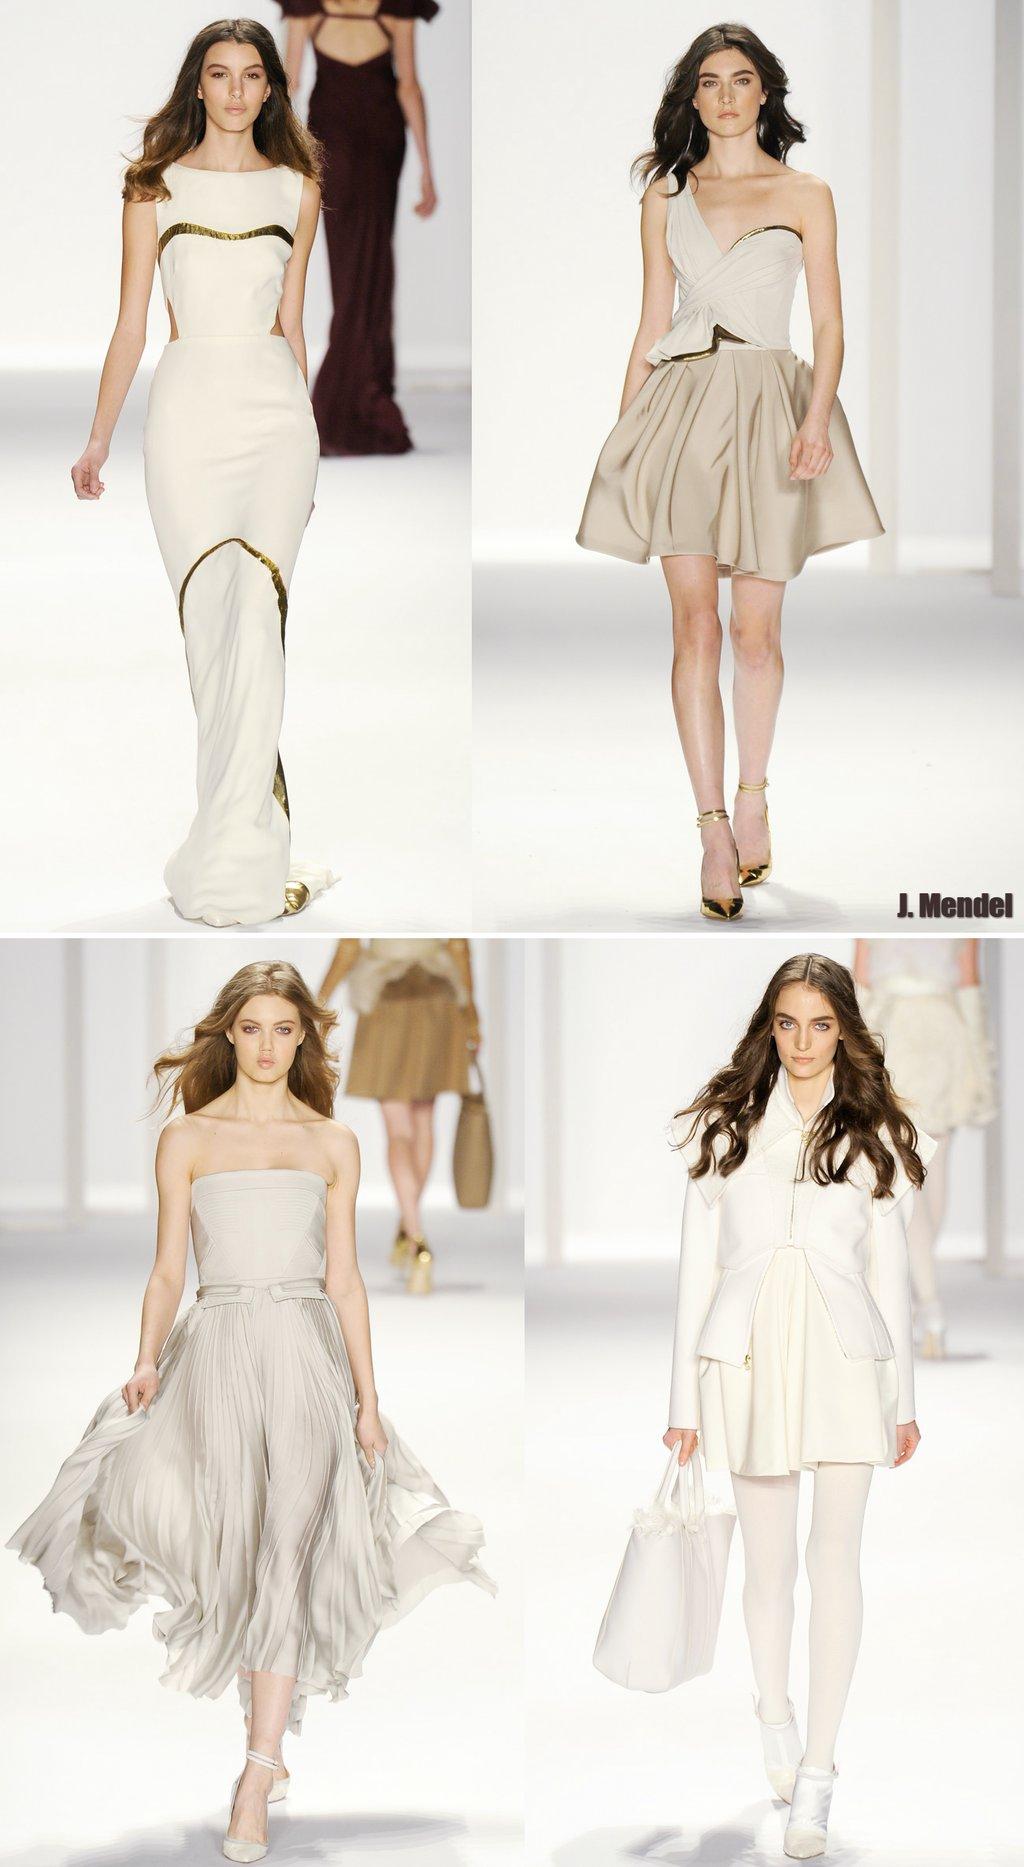 Wedding-dress-inspiration-fall-2012-j.mendel-gowns-little-white-dresses.full